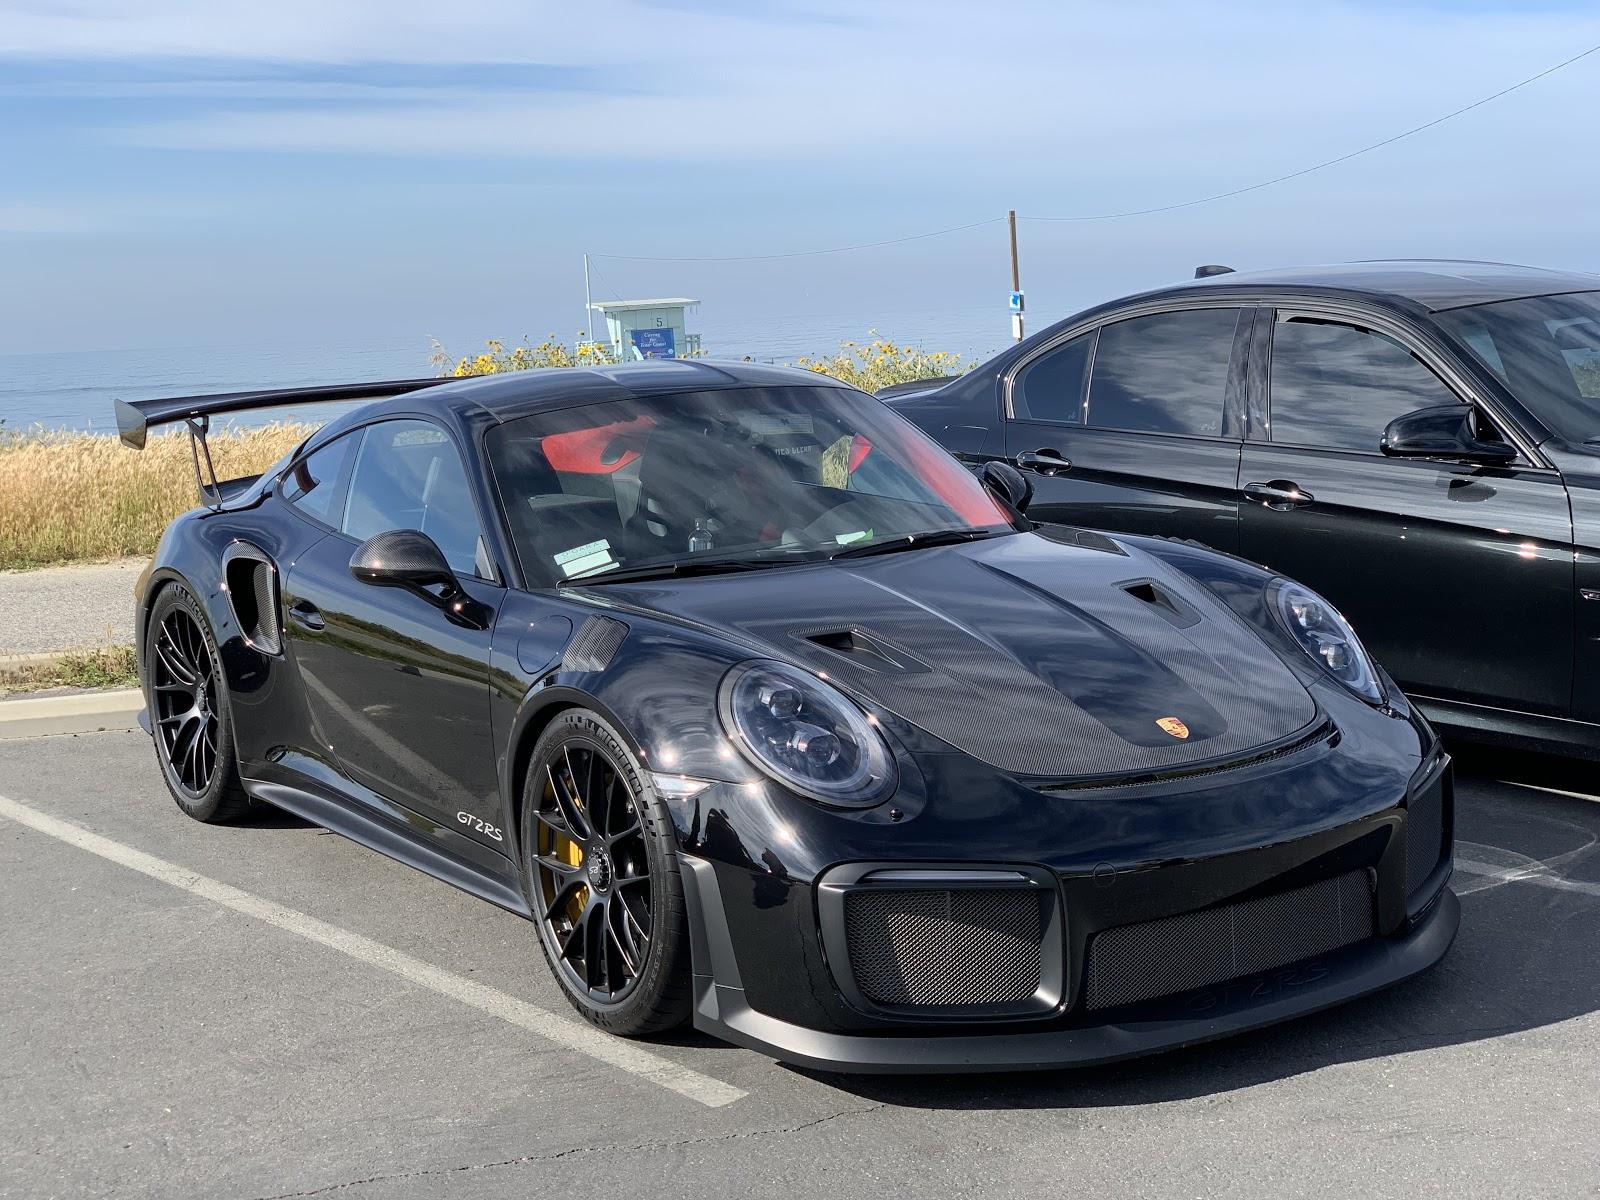 Aero Aero And More Aero The Porsche 911 Gt2rs Mr Rennsport Report